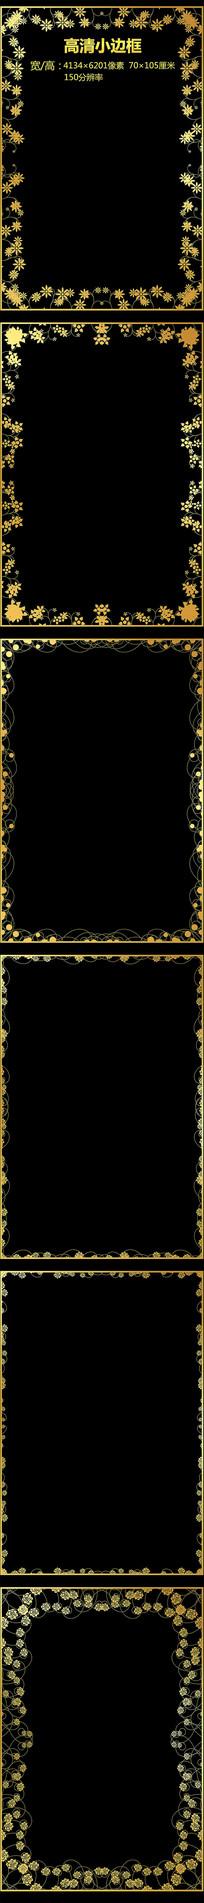 高档金色花纹边框素材